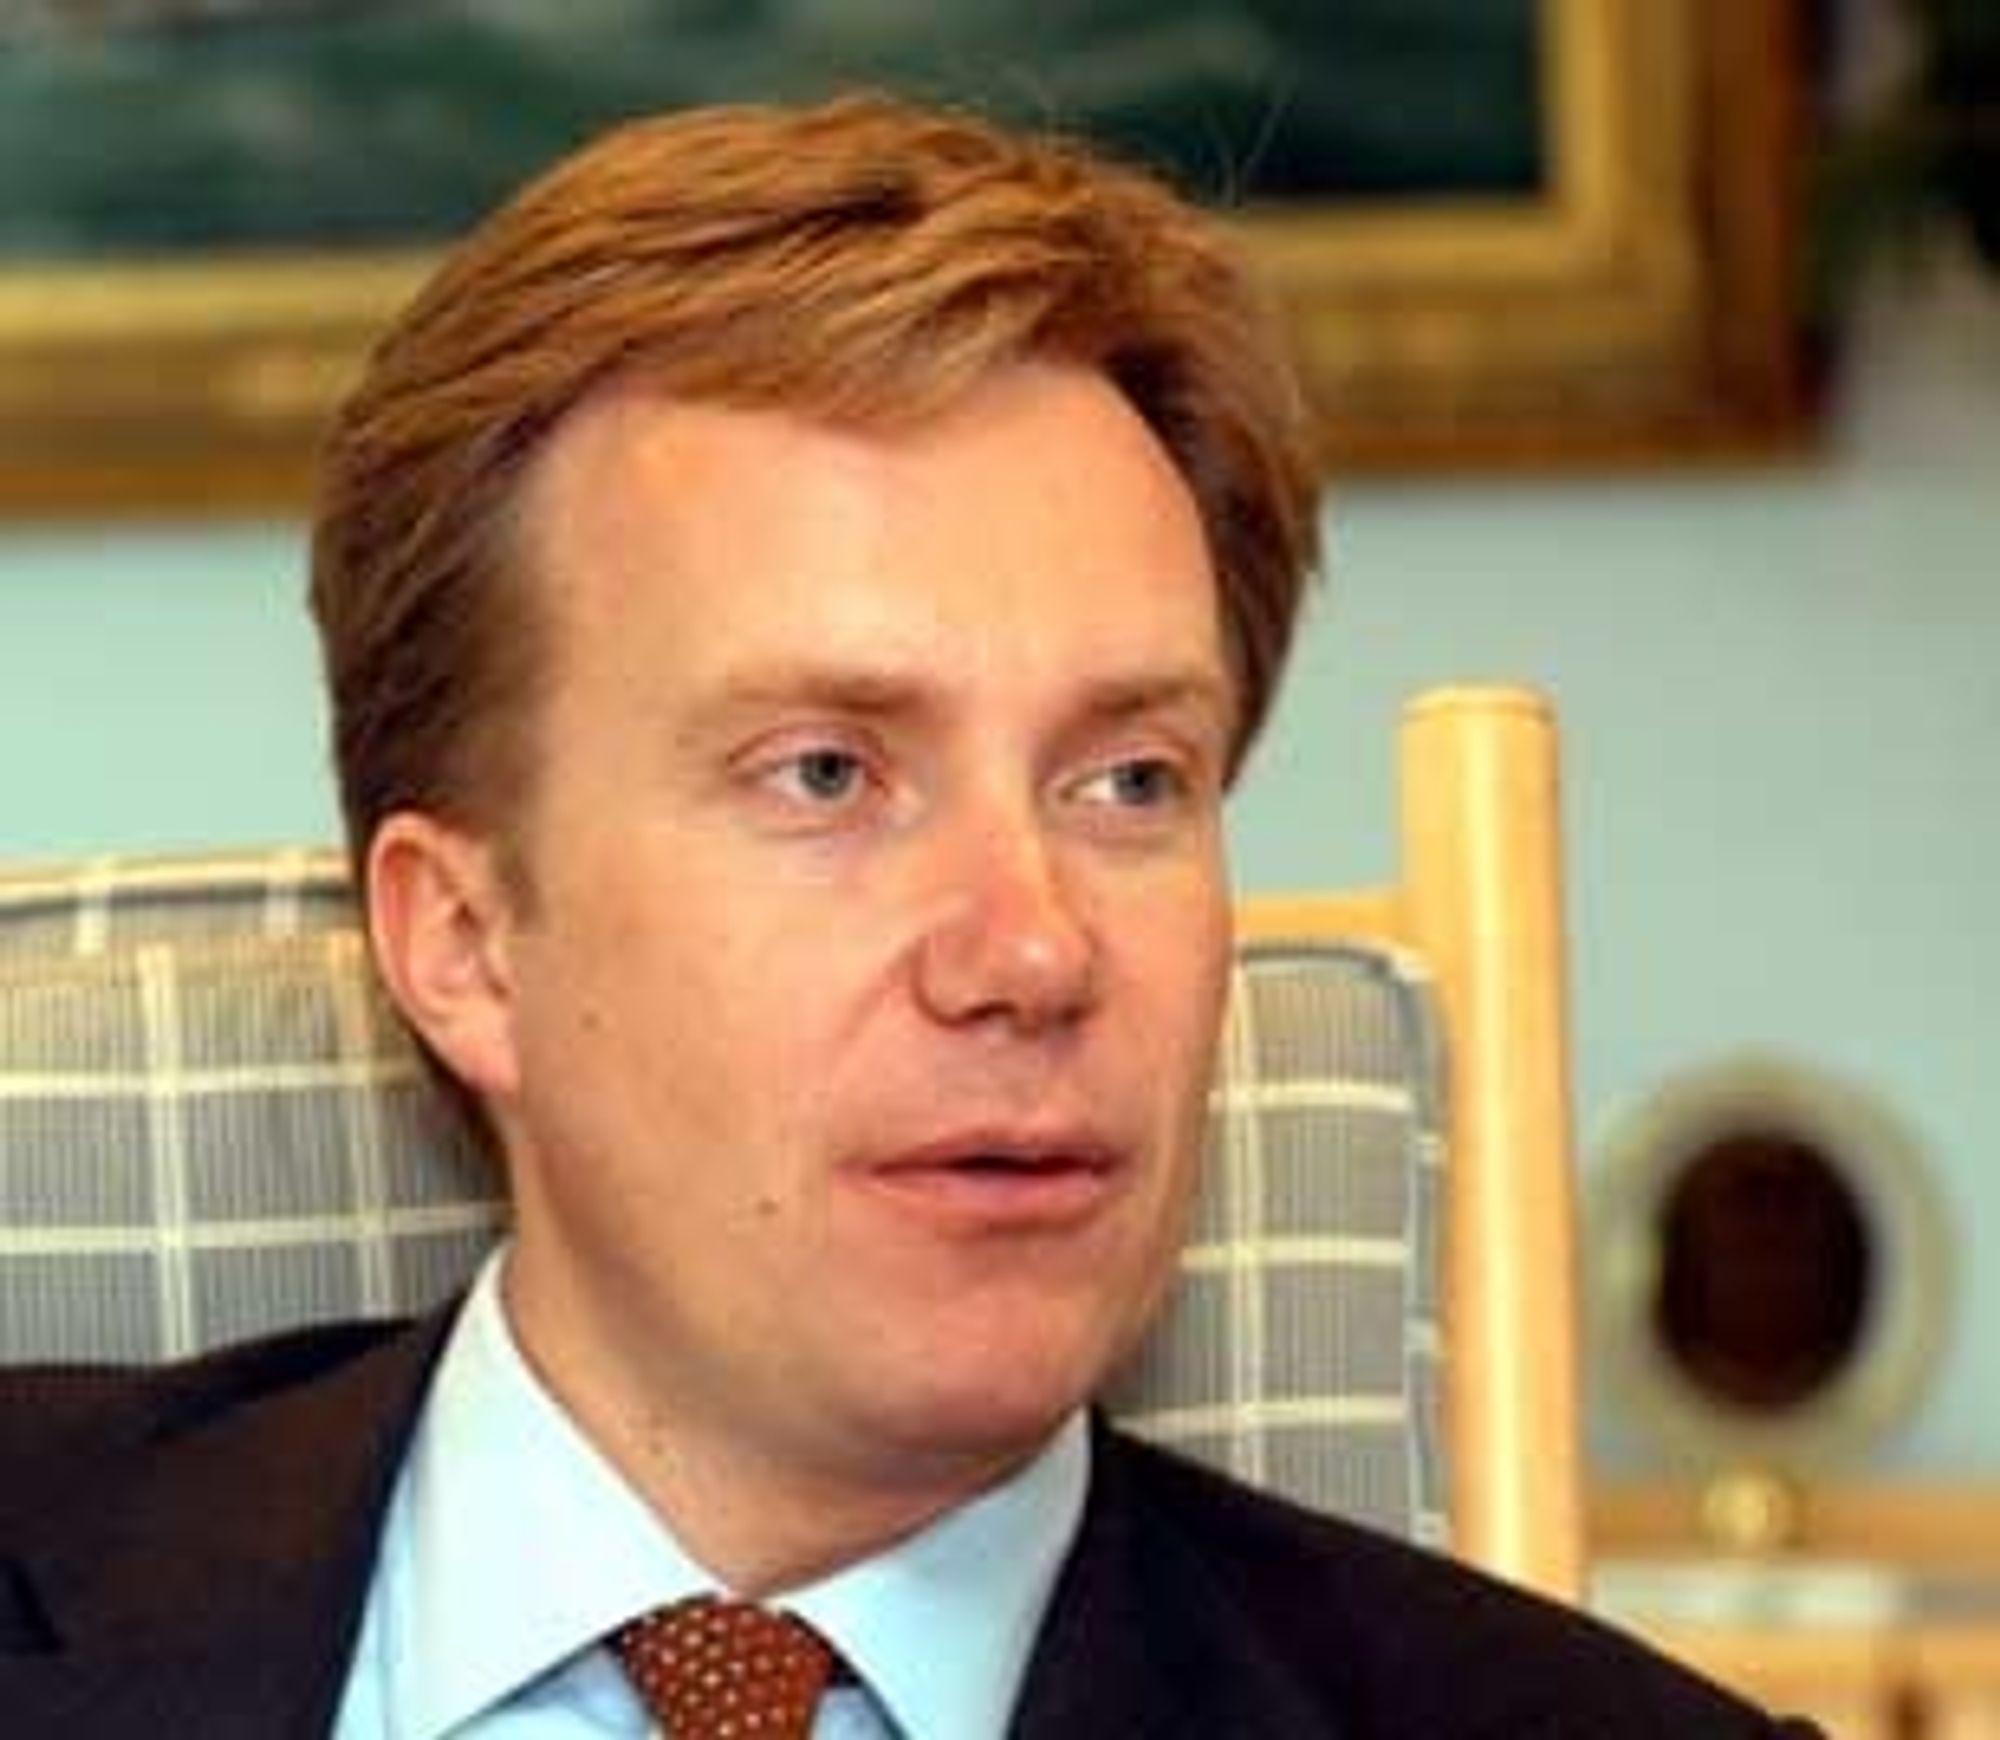 Næringsminister Børge Brende. Portrett. Foto: Knut Strøm